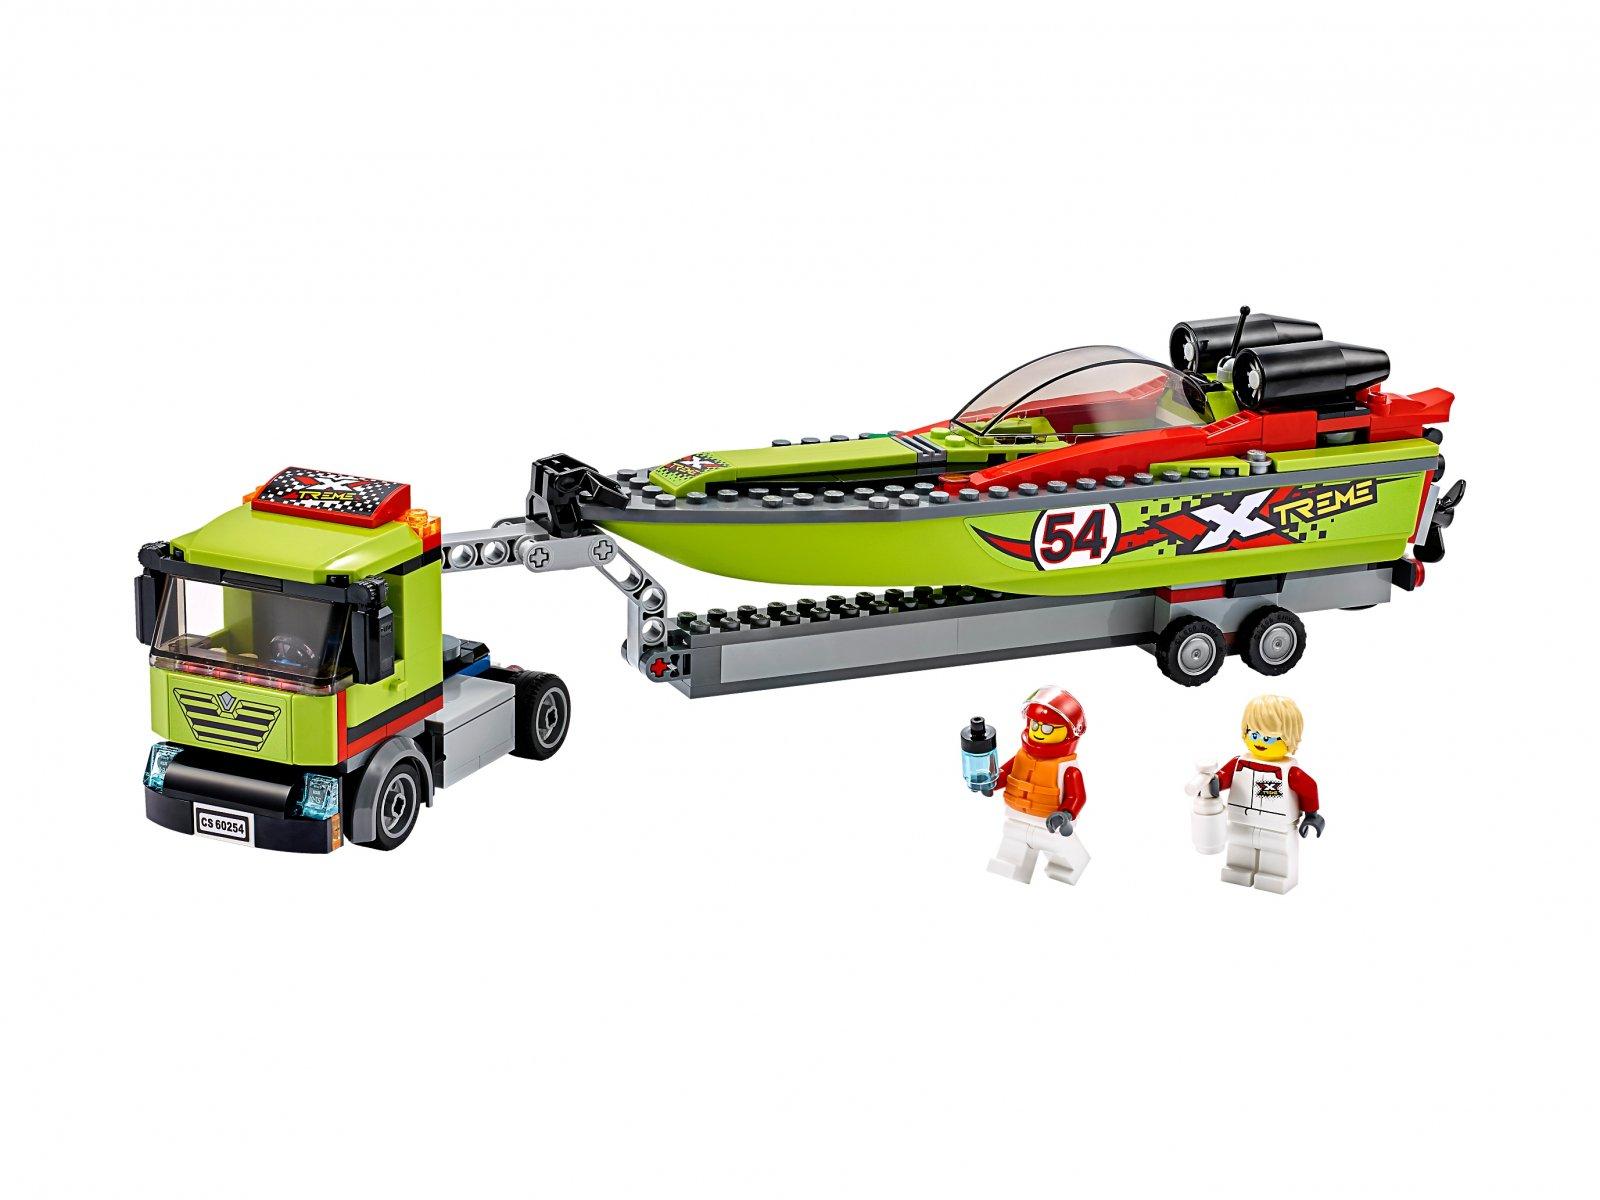 LEGO 60254 City Transporter łodzi wyścigowej